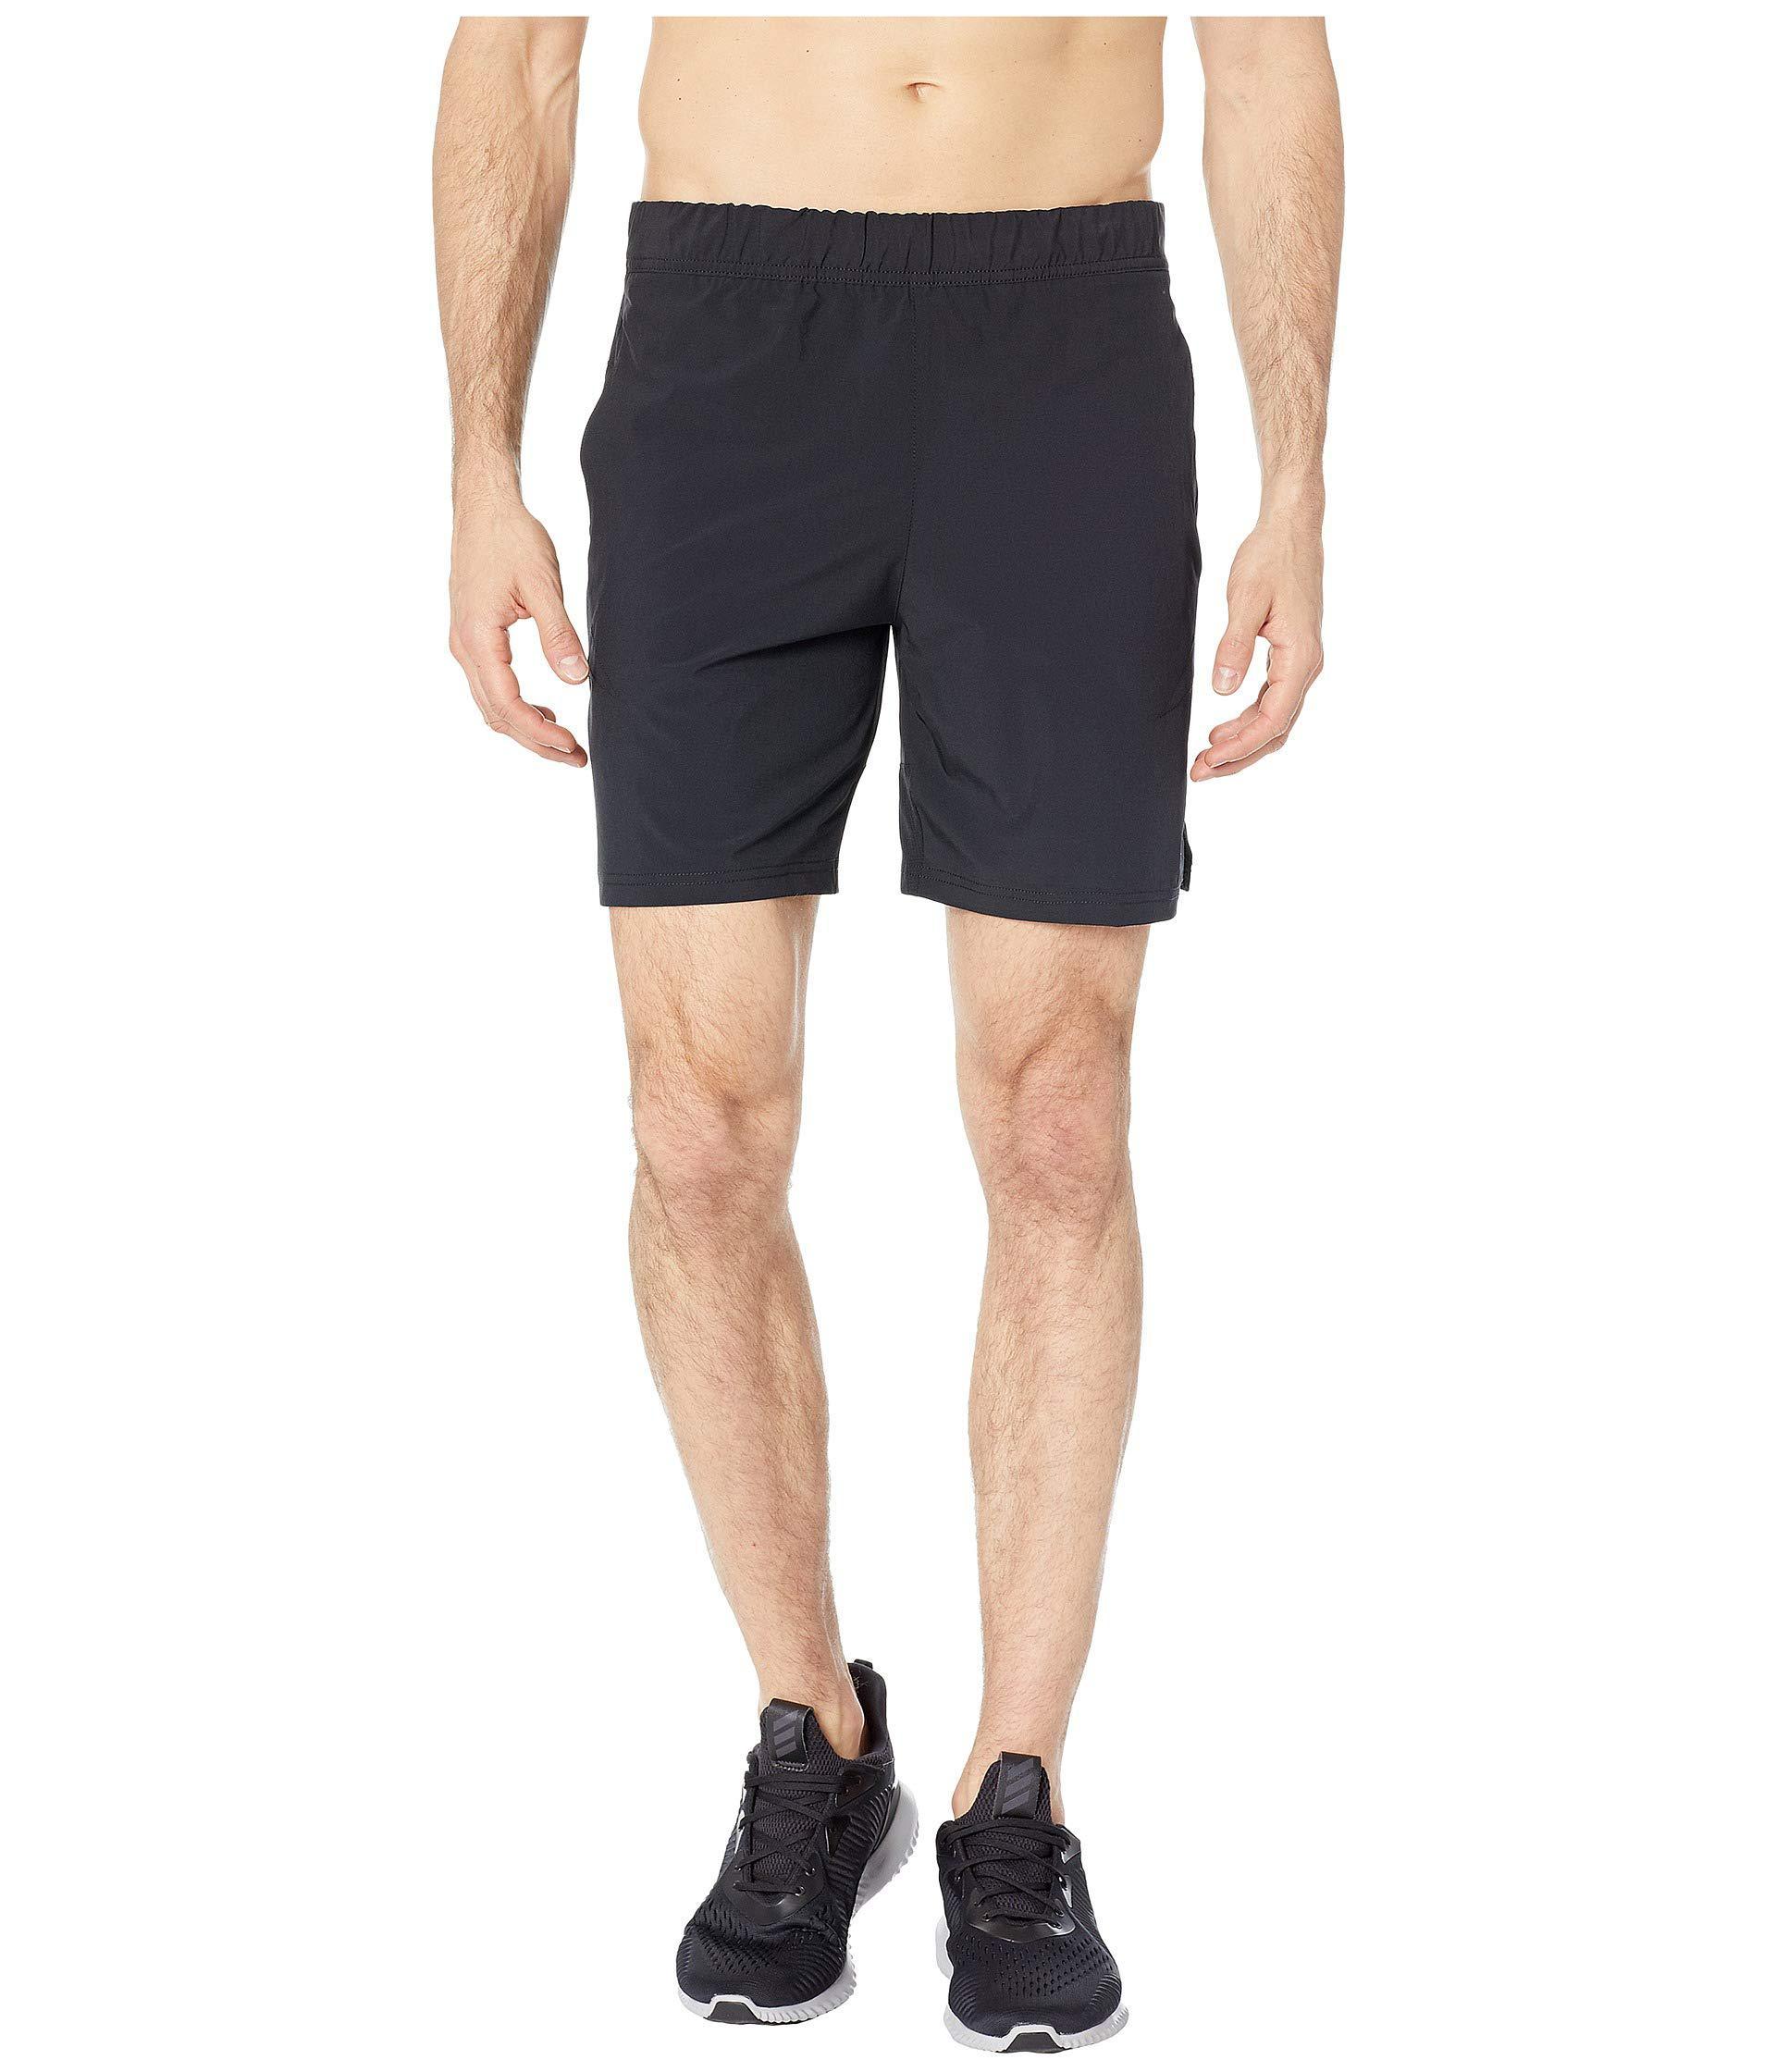 37a9524dae Lyst - Speedo 7.5/18 Tech Shorts ( Black) Men's Swimwear in Black ...